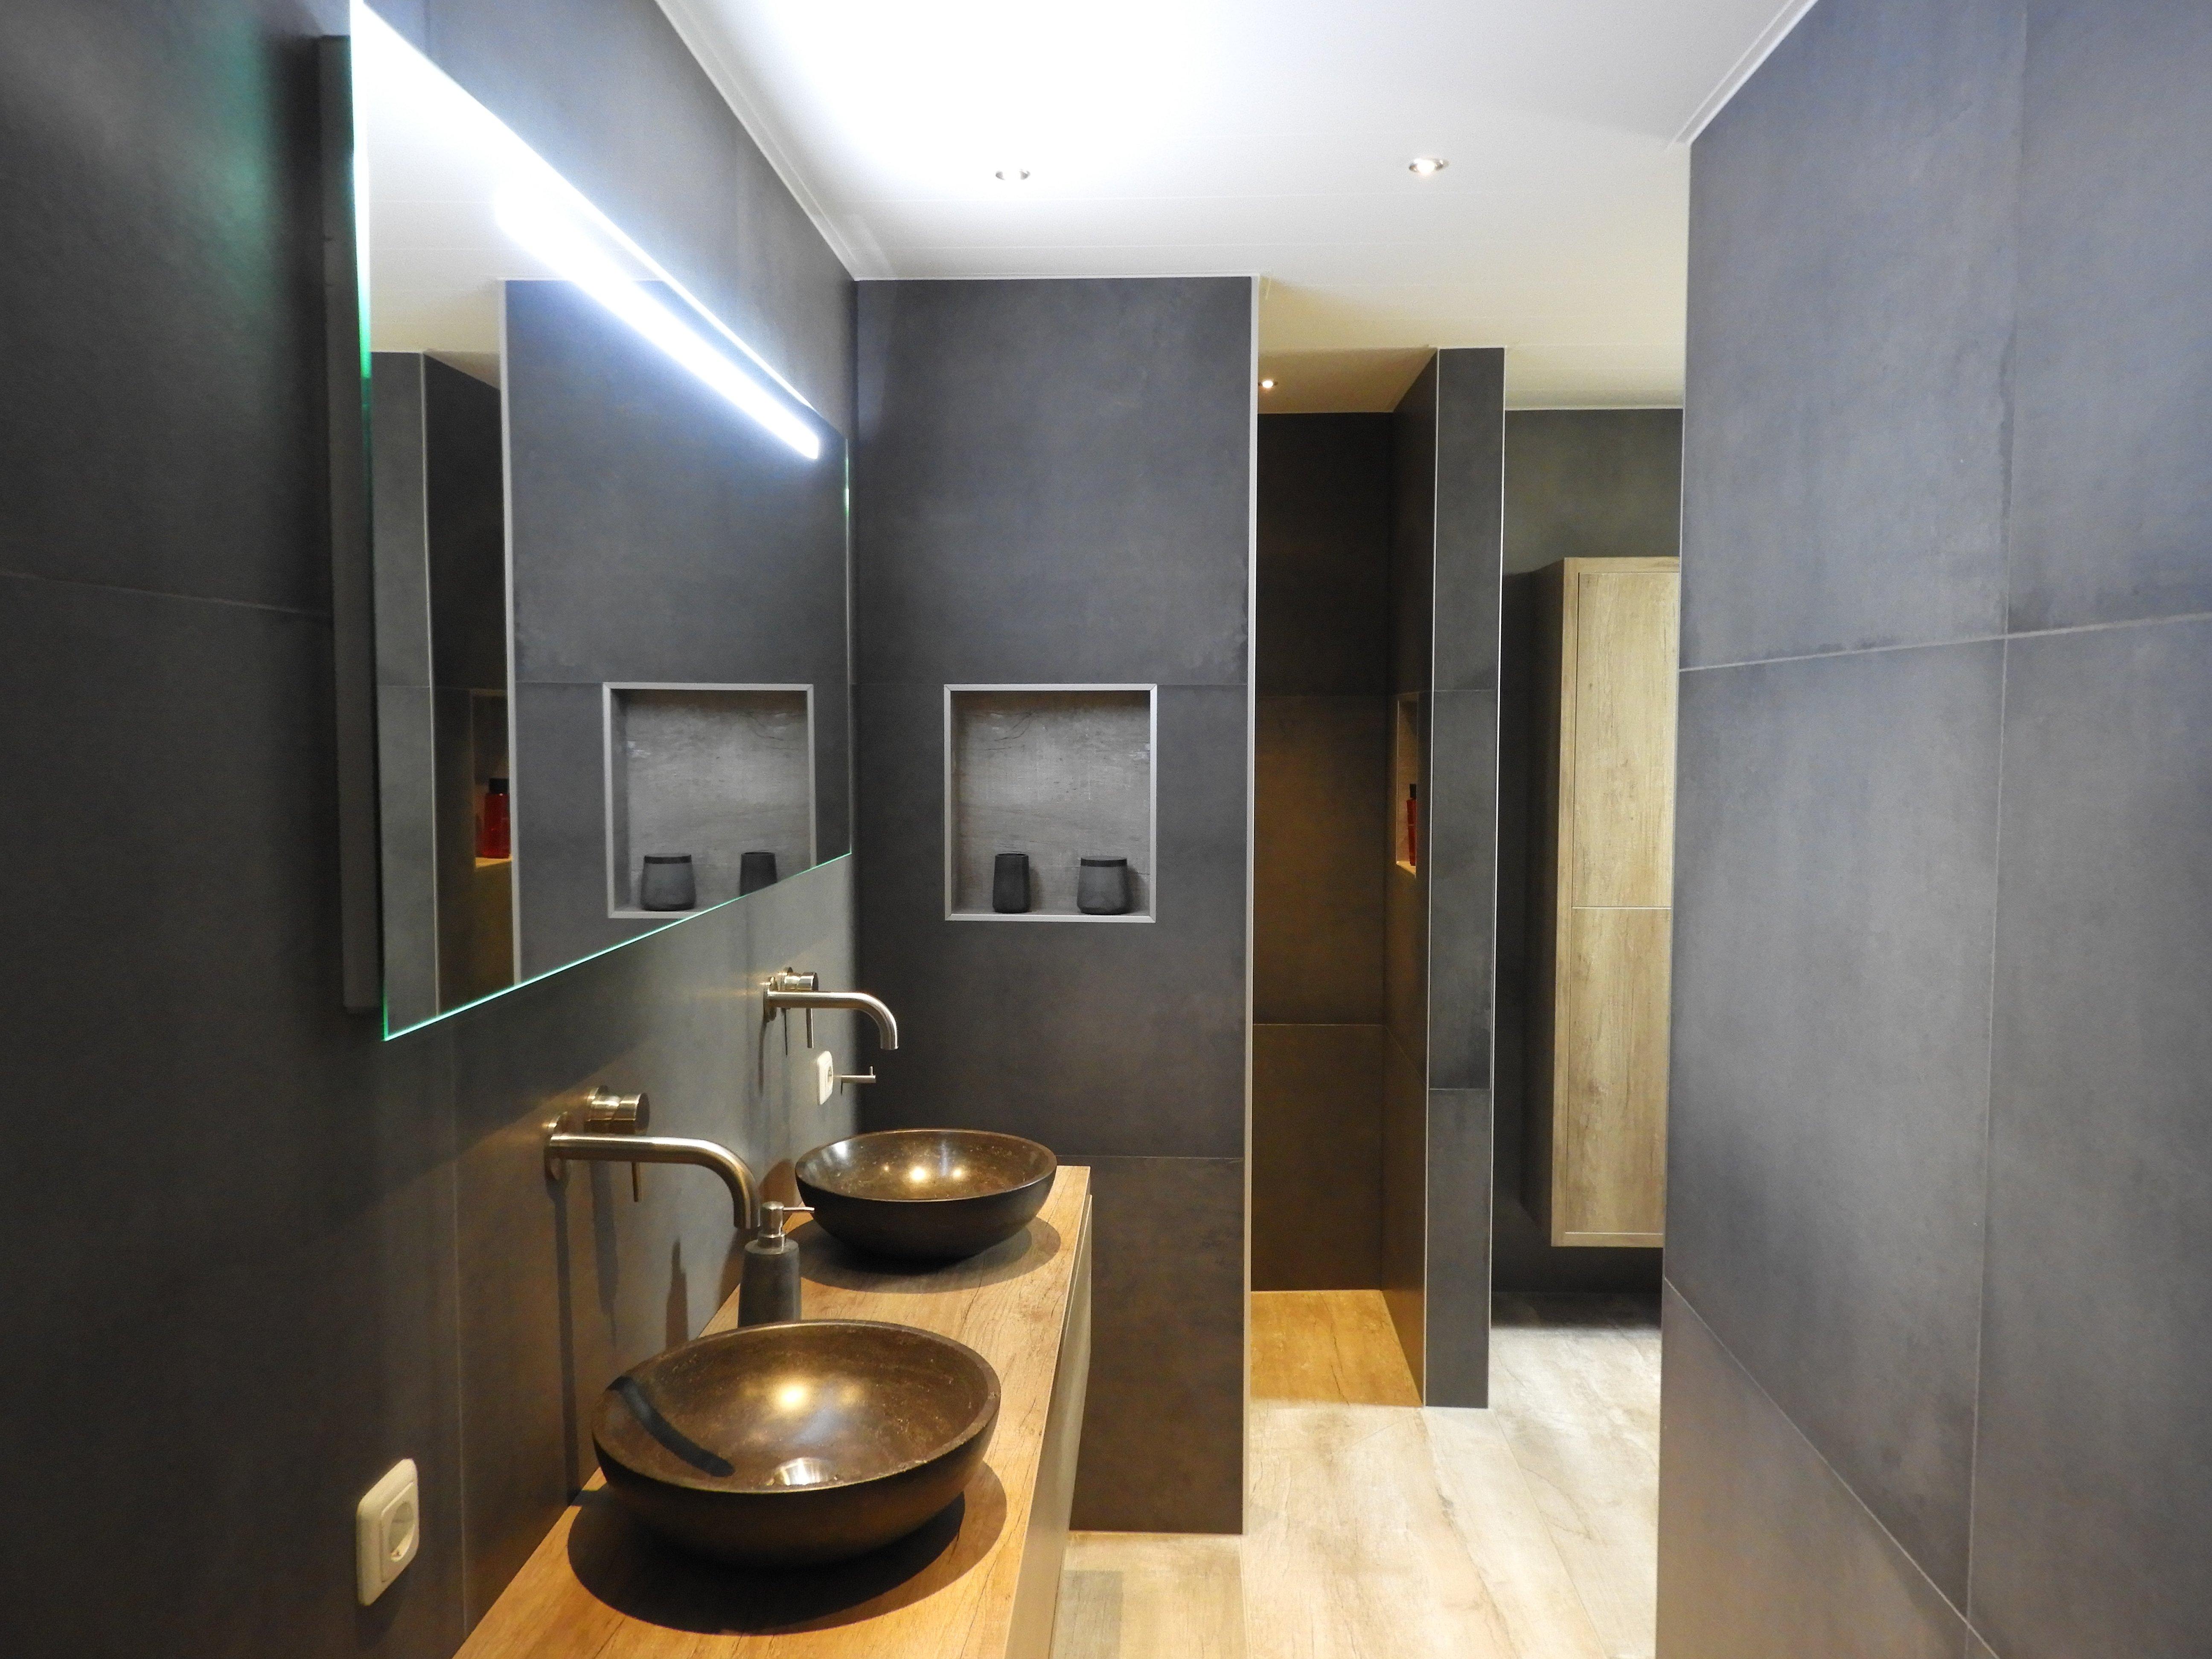 Taupe Kleurige Badkamer : Badkamer holwerd inspiratie janijko surhuisterveen